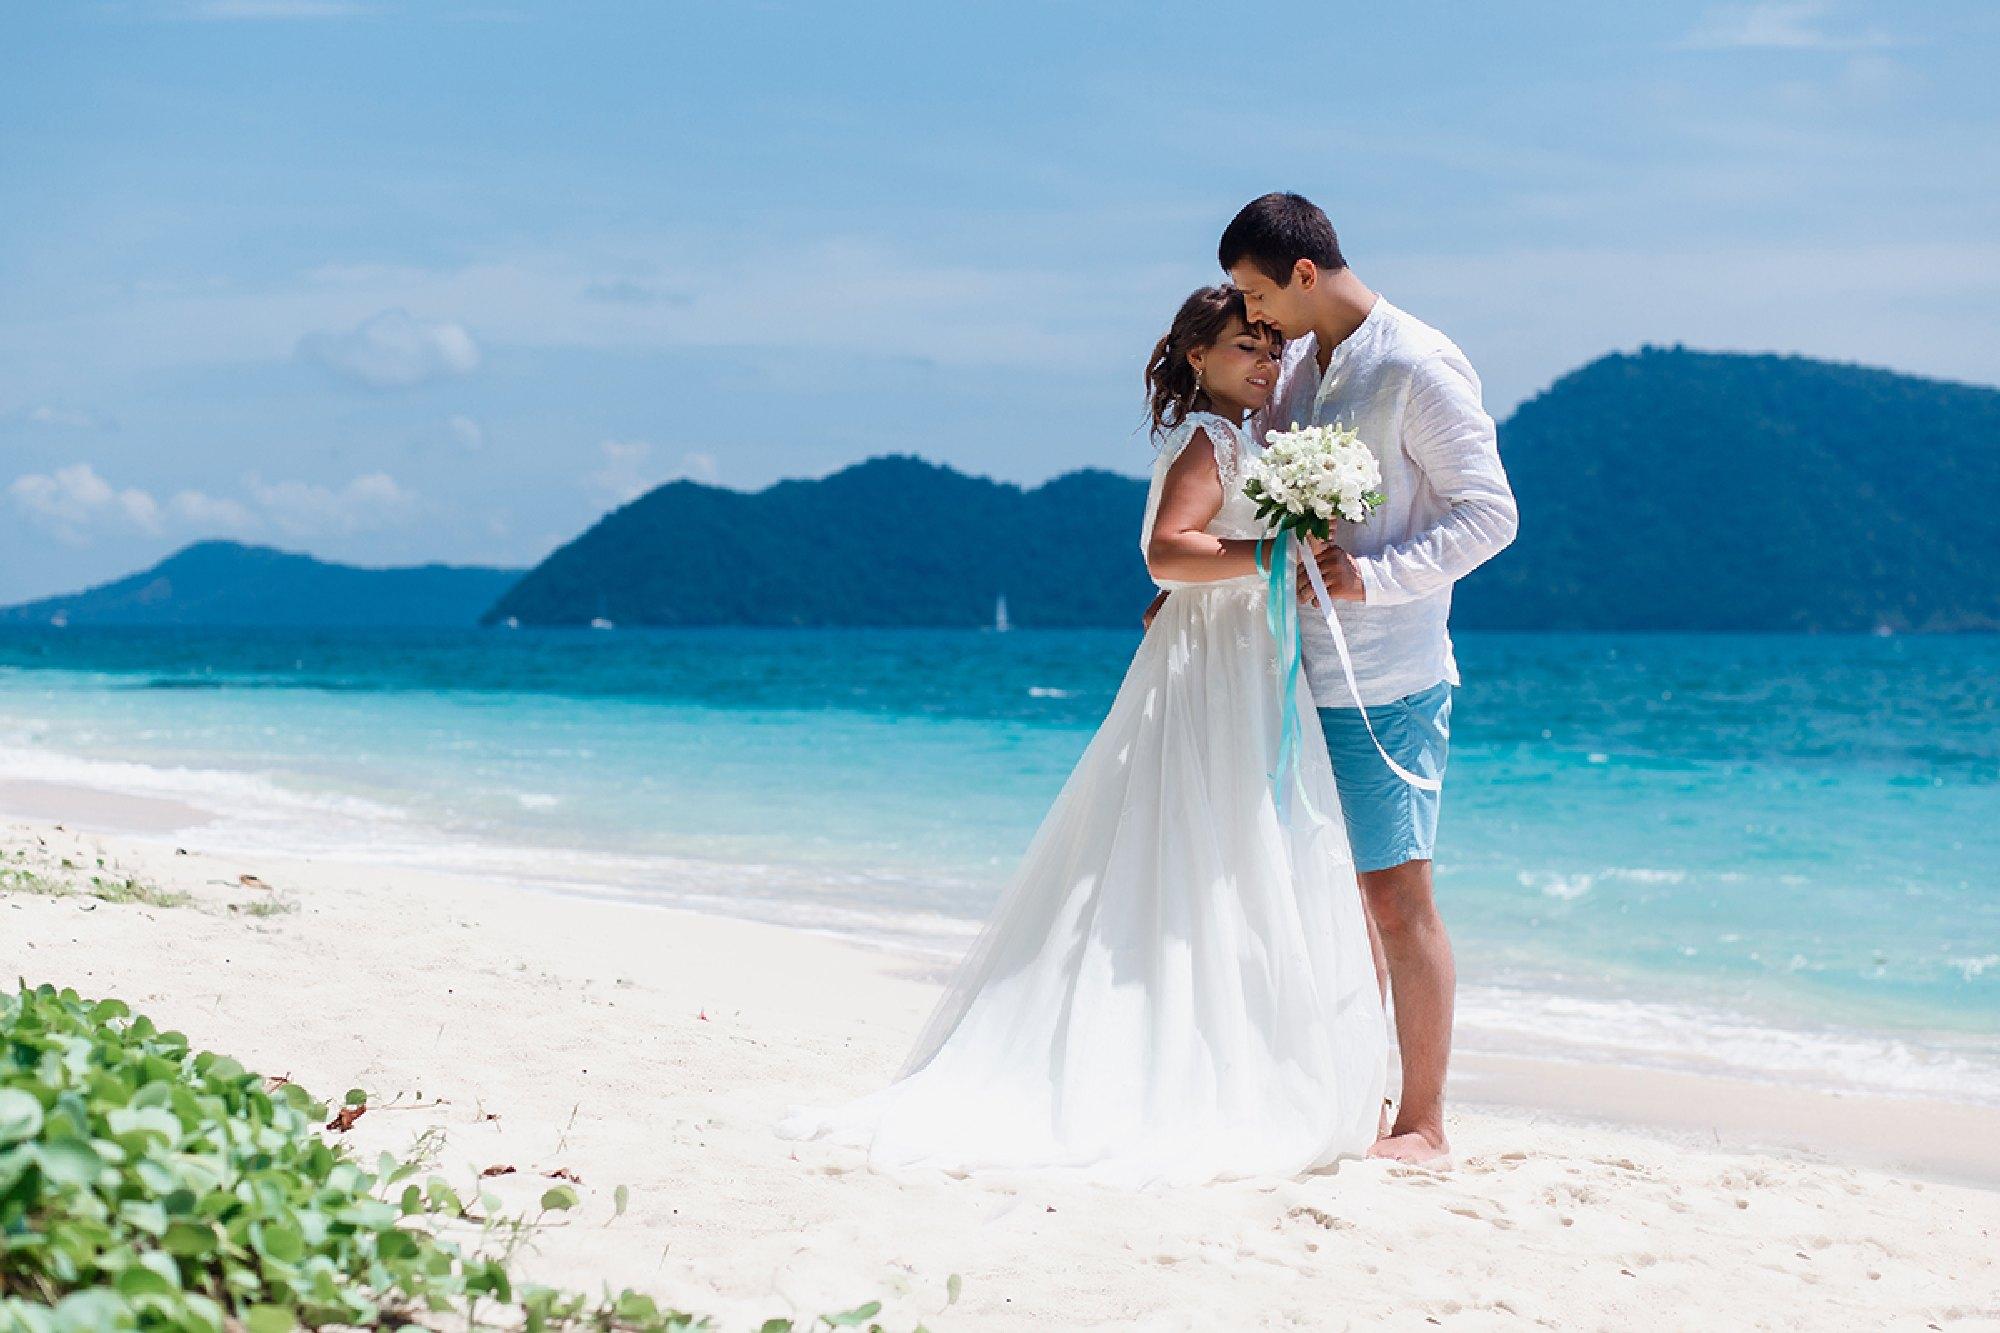 Свадьба в пхукете фото и цены